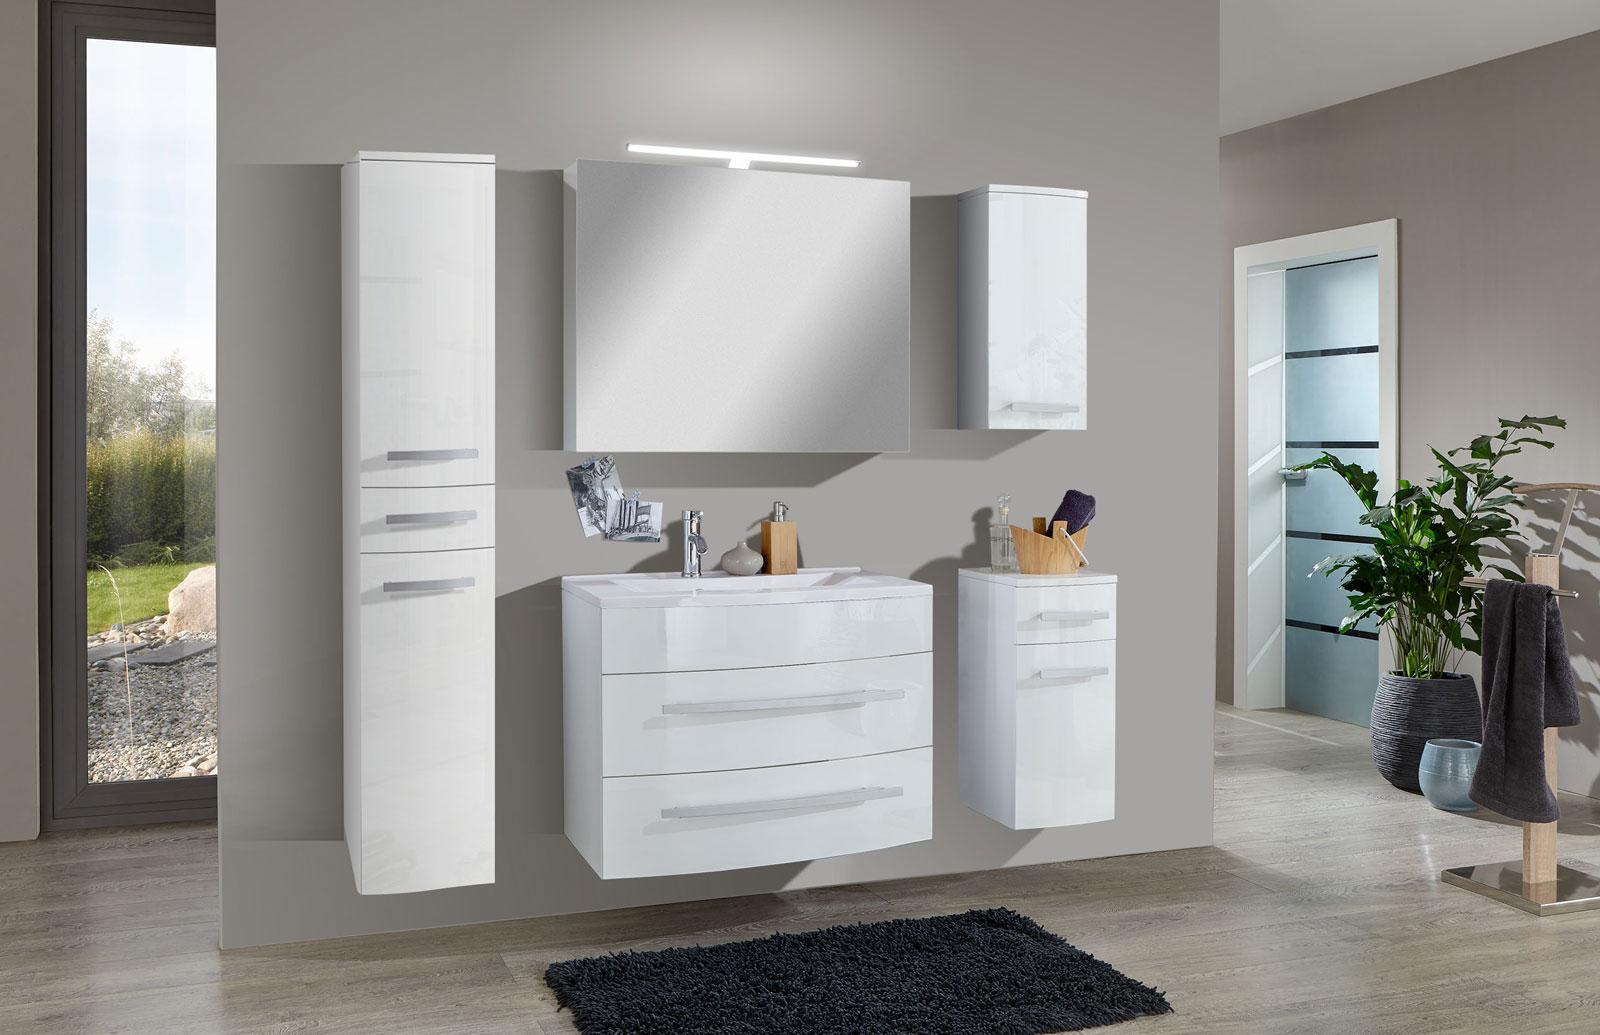 Sam® 5tlg Badezimmer Set Hochglanz Weiß 70 Cm Genf Deluxe Xl, Badezimmer  Ideen